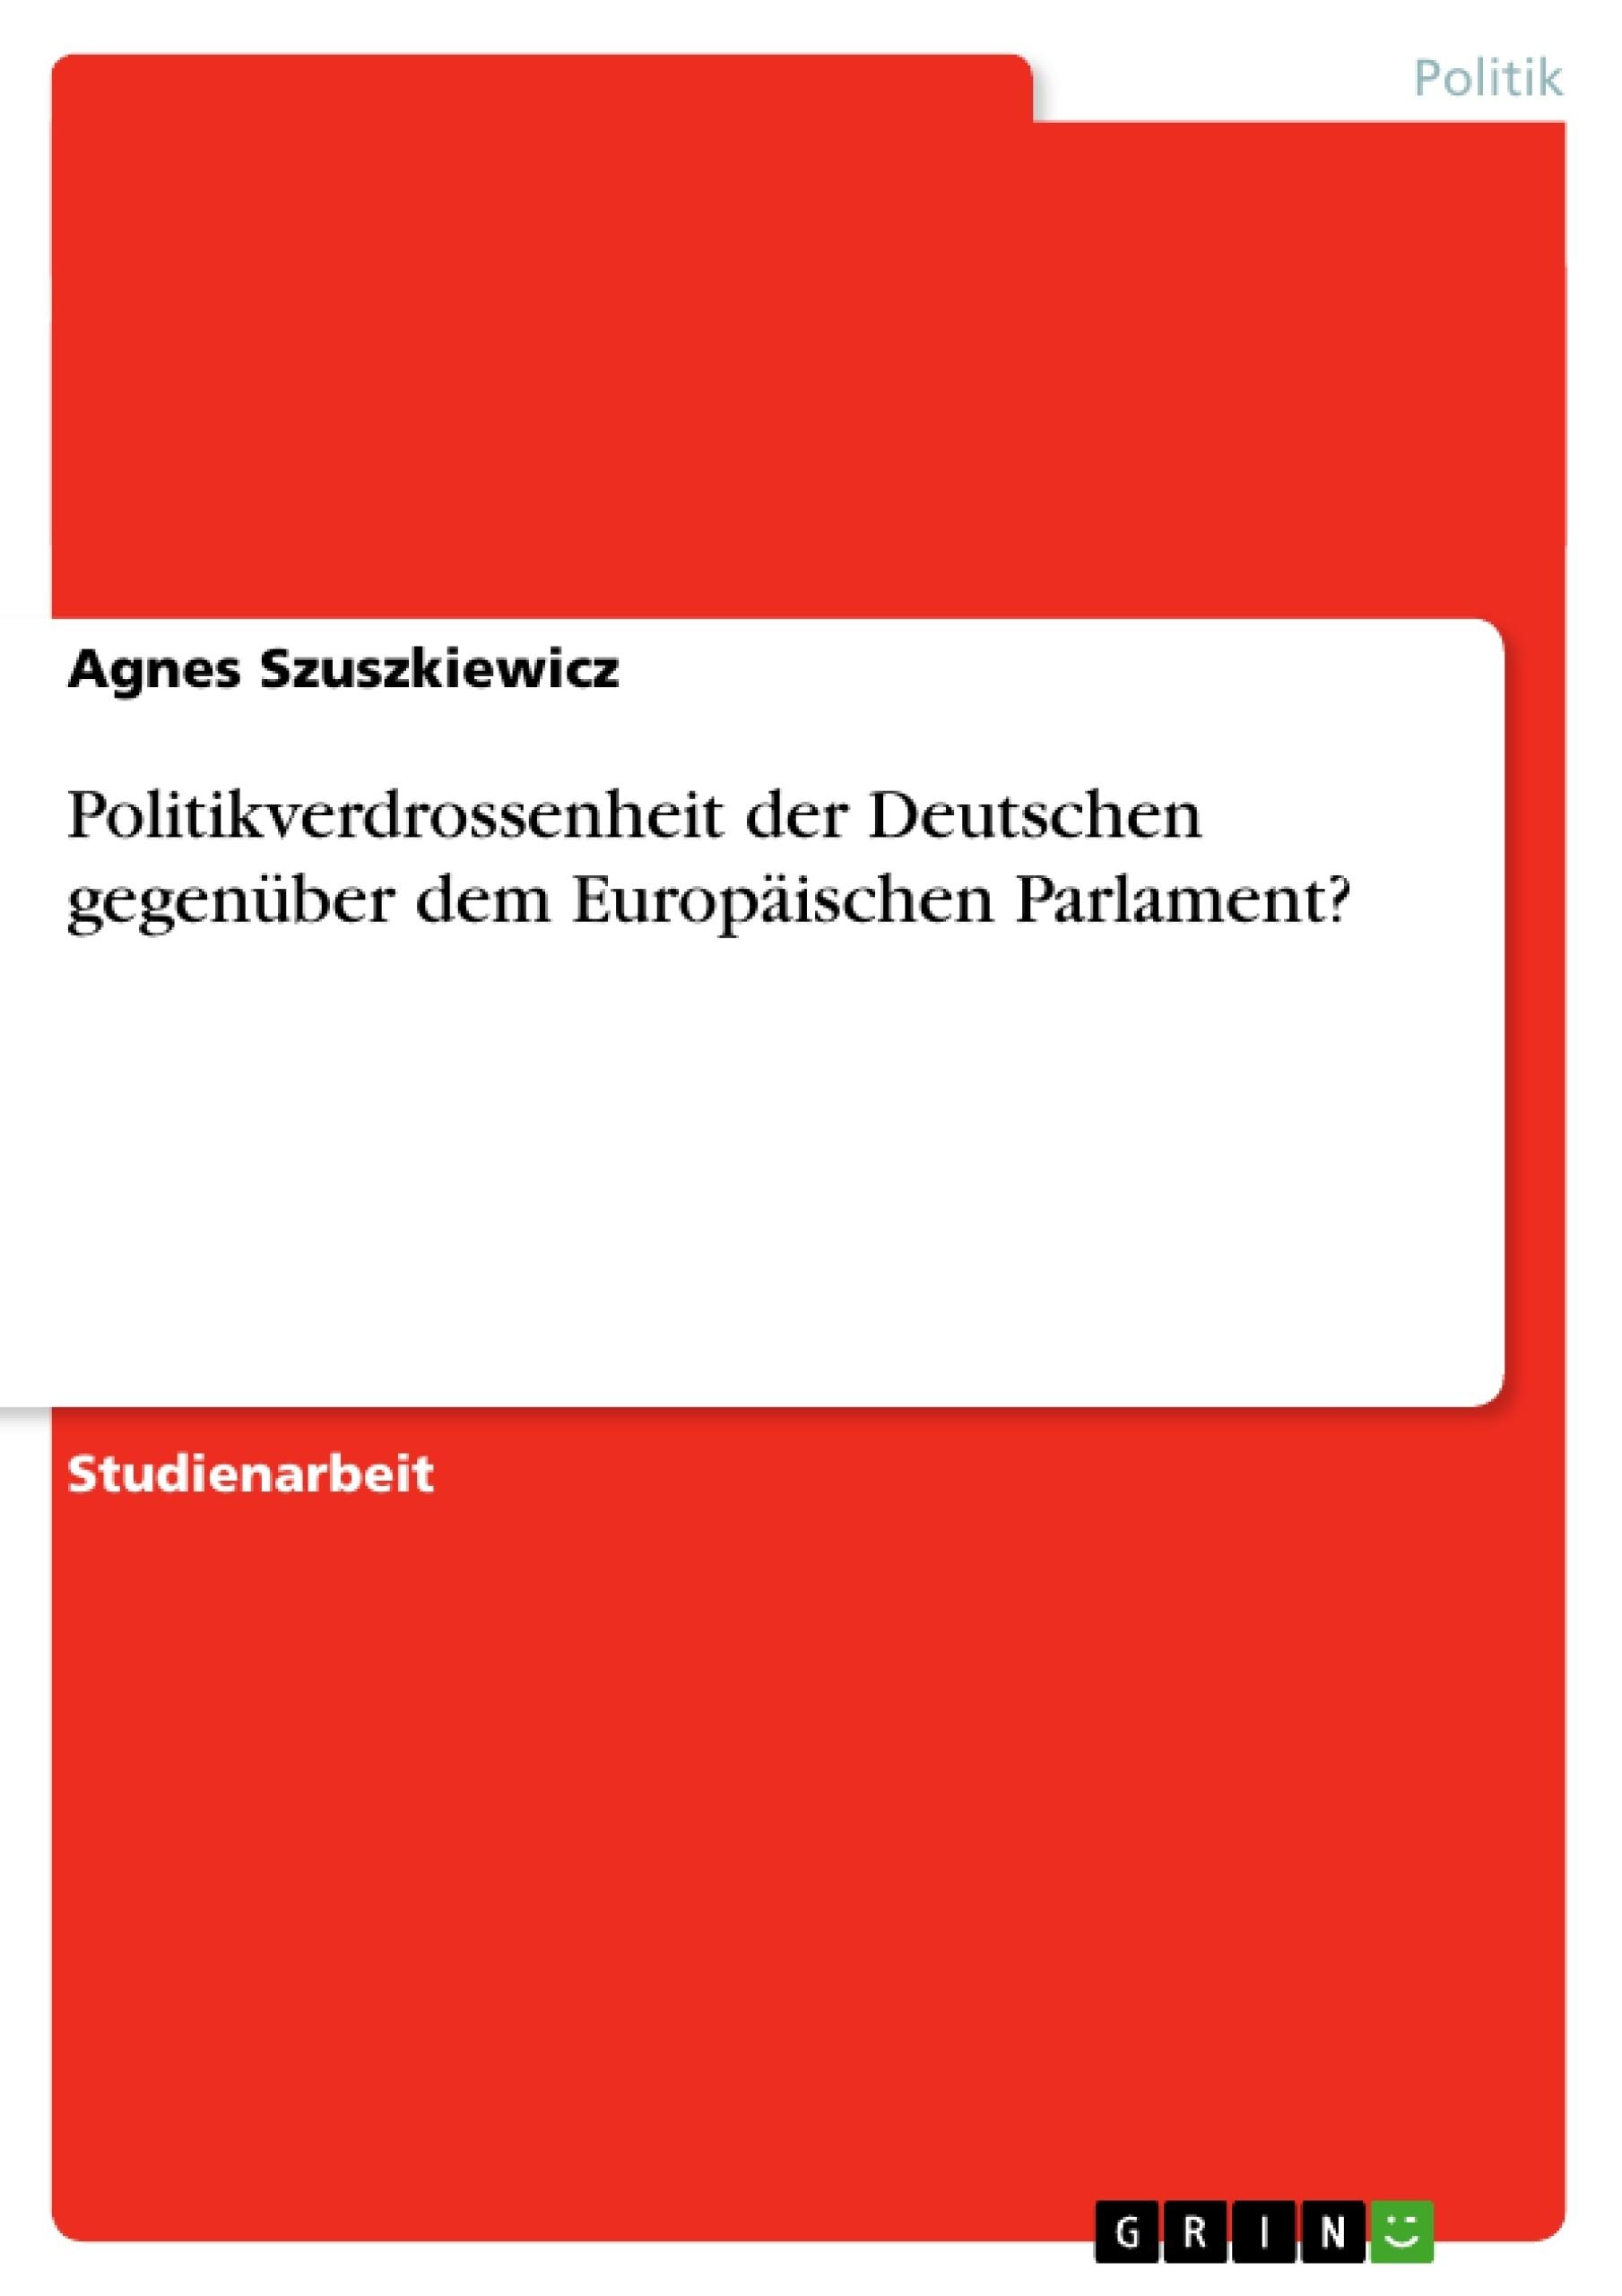 Titel: Politikverdrossenheit der Deutschen gegenüber dem Europäischen Parlament?